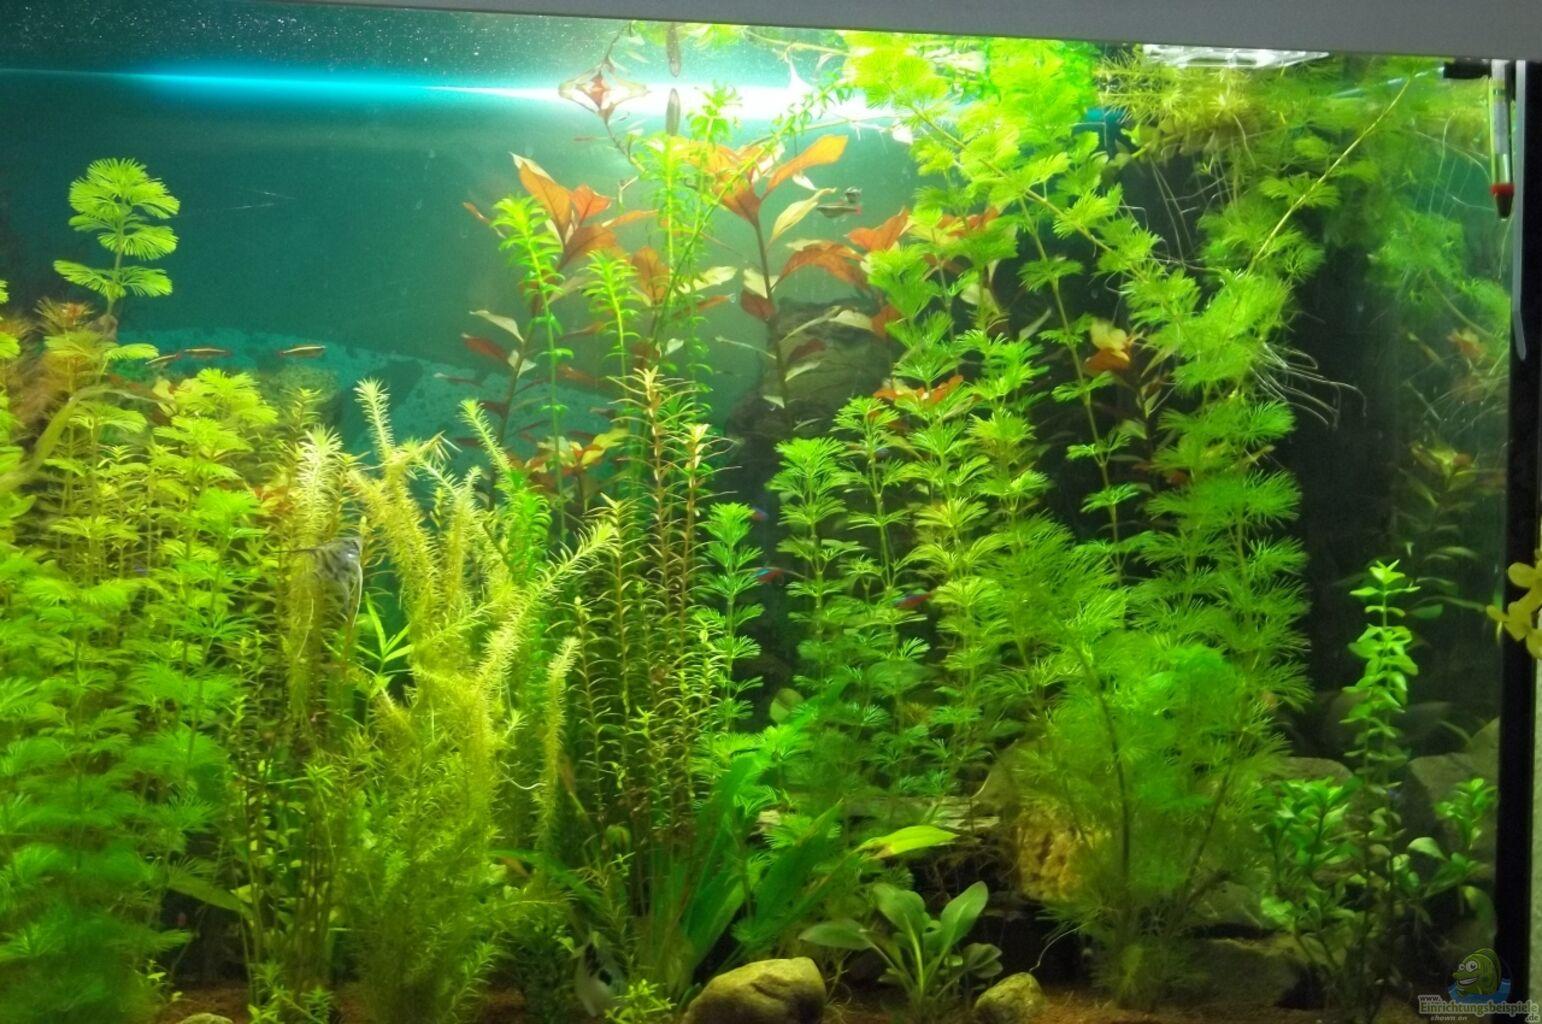 Grune haare im aquarium